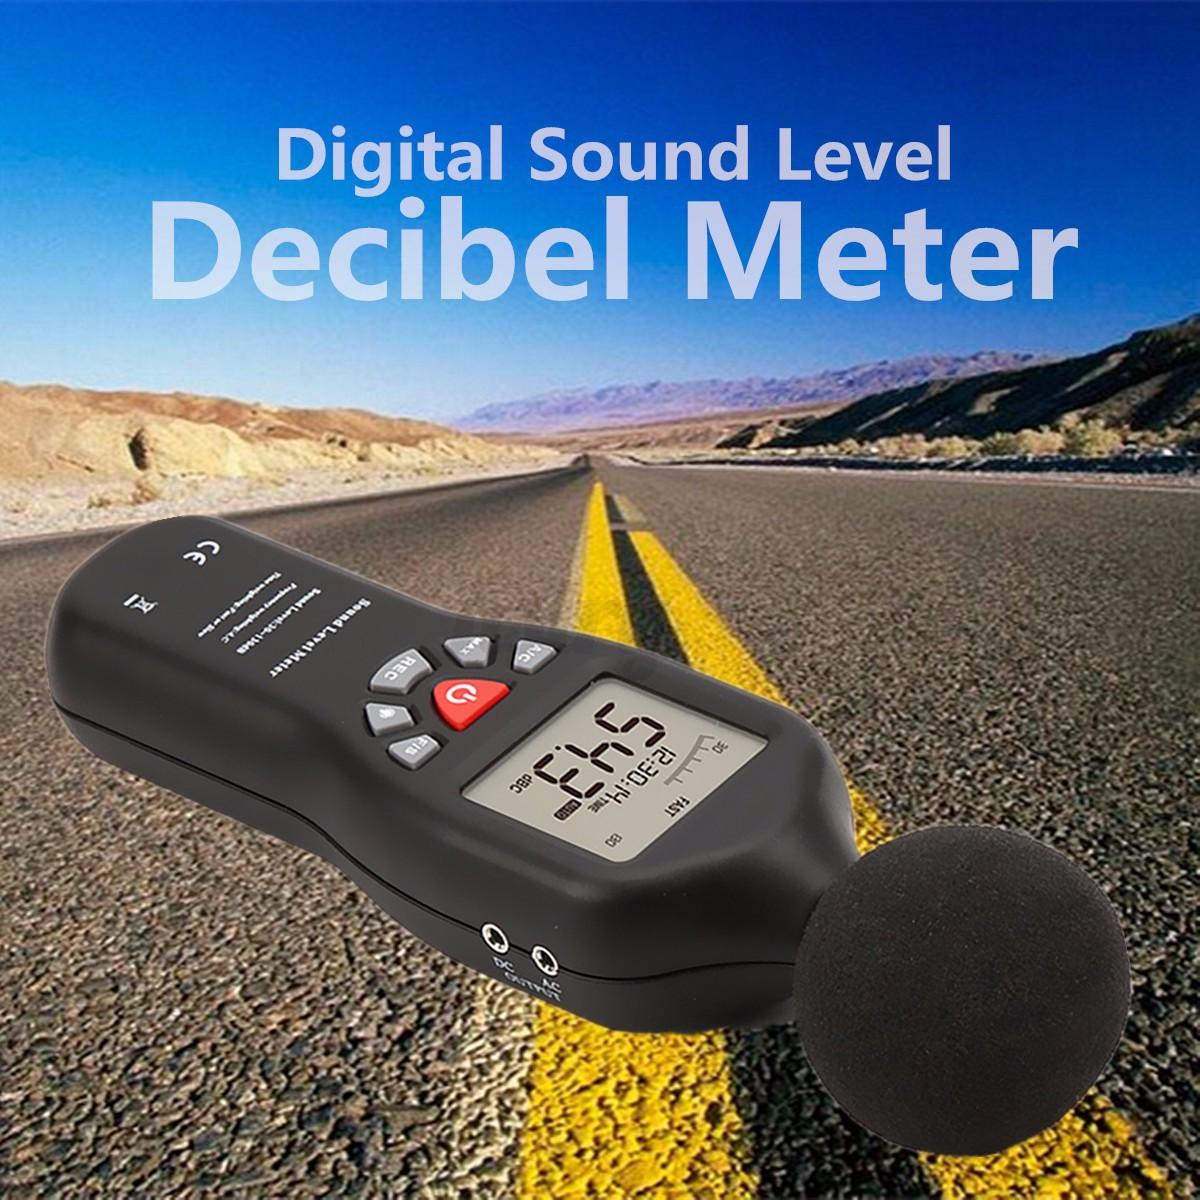 Digital Sound Meter : Digital sound level decibel meter sets data logger